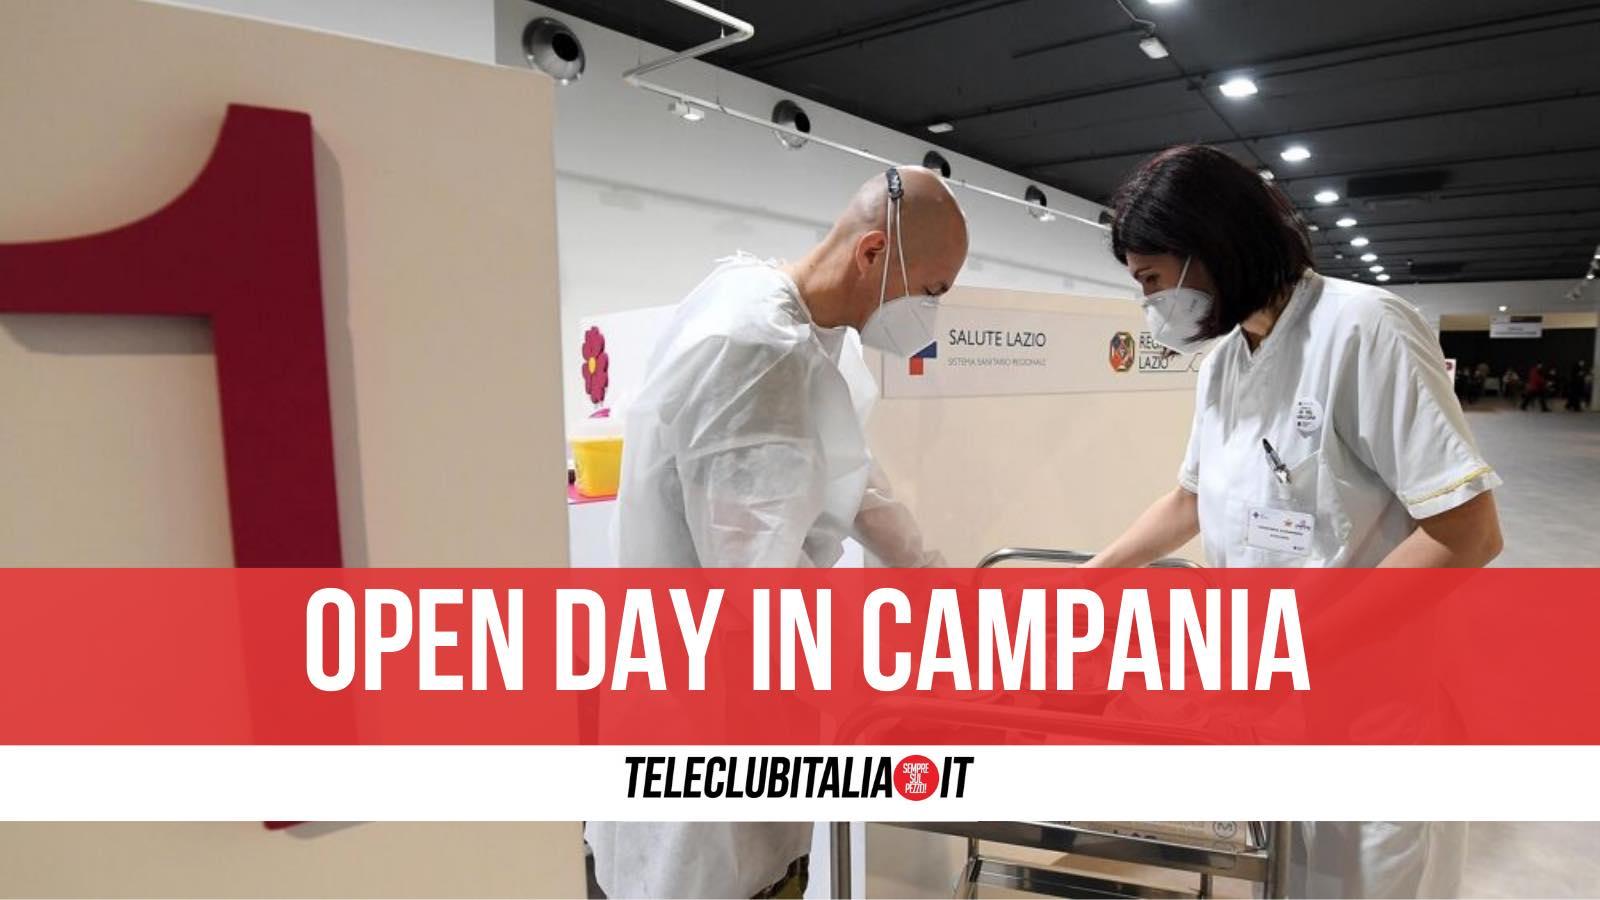 open day castel volturno vaccini